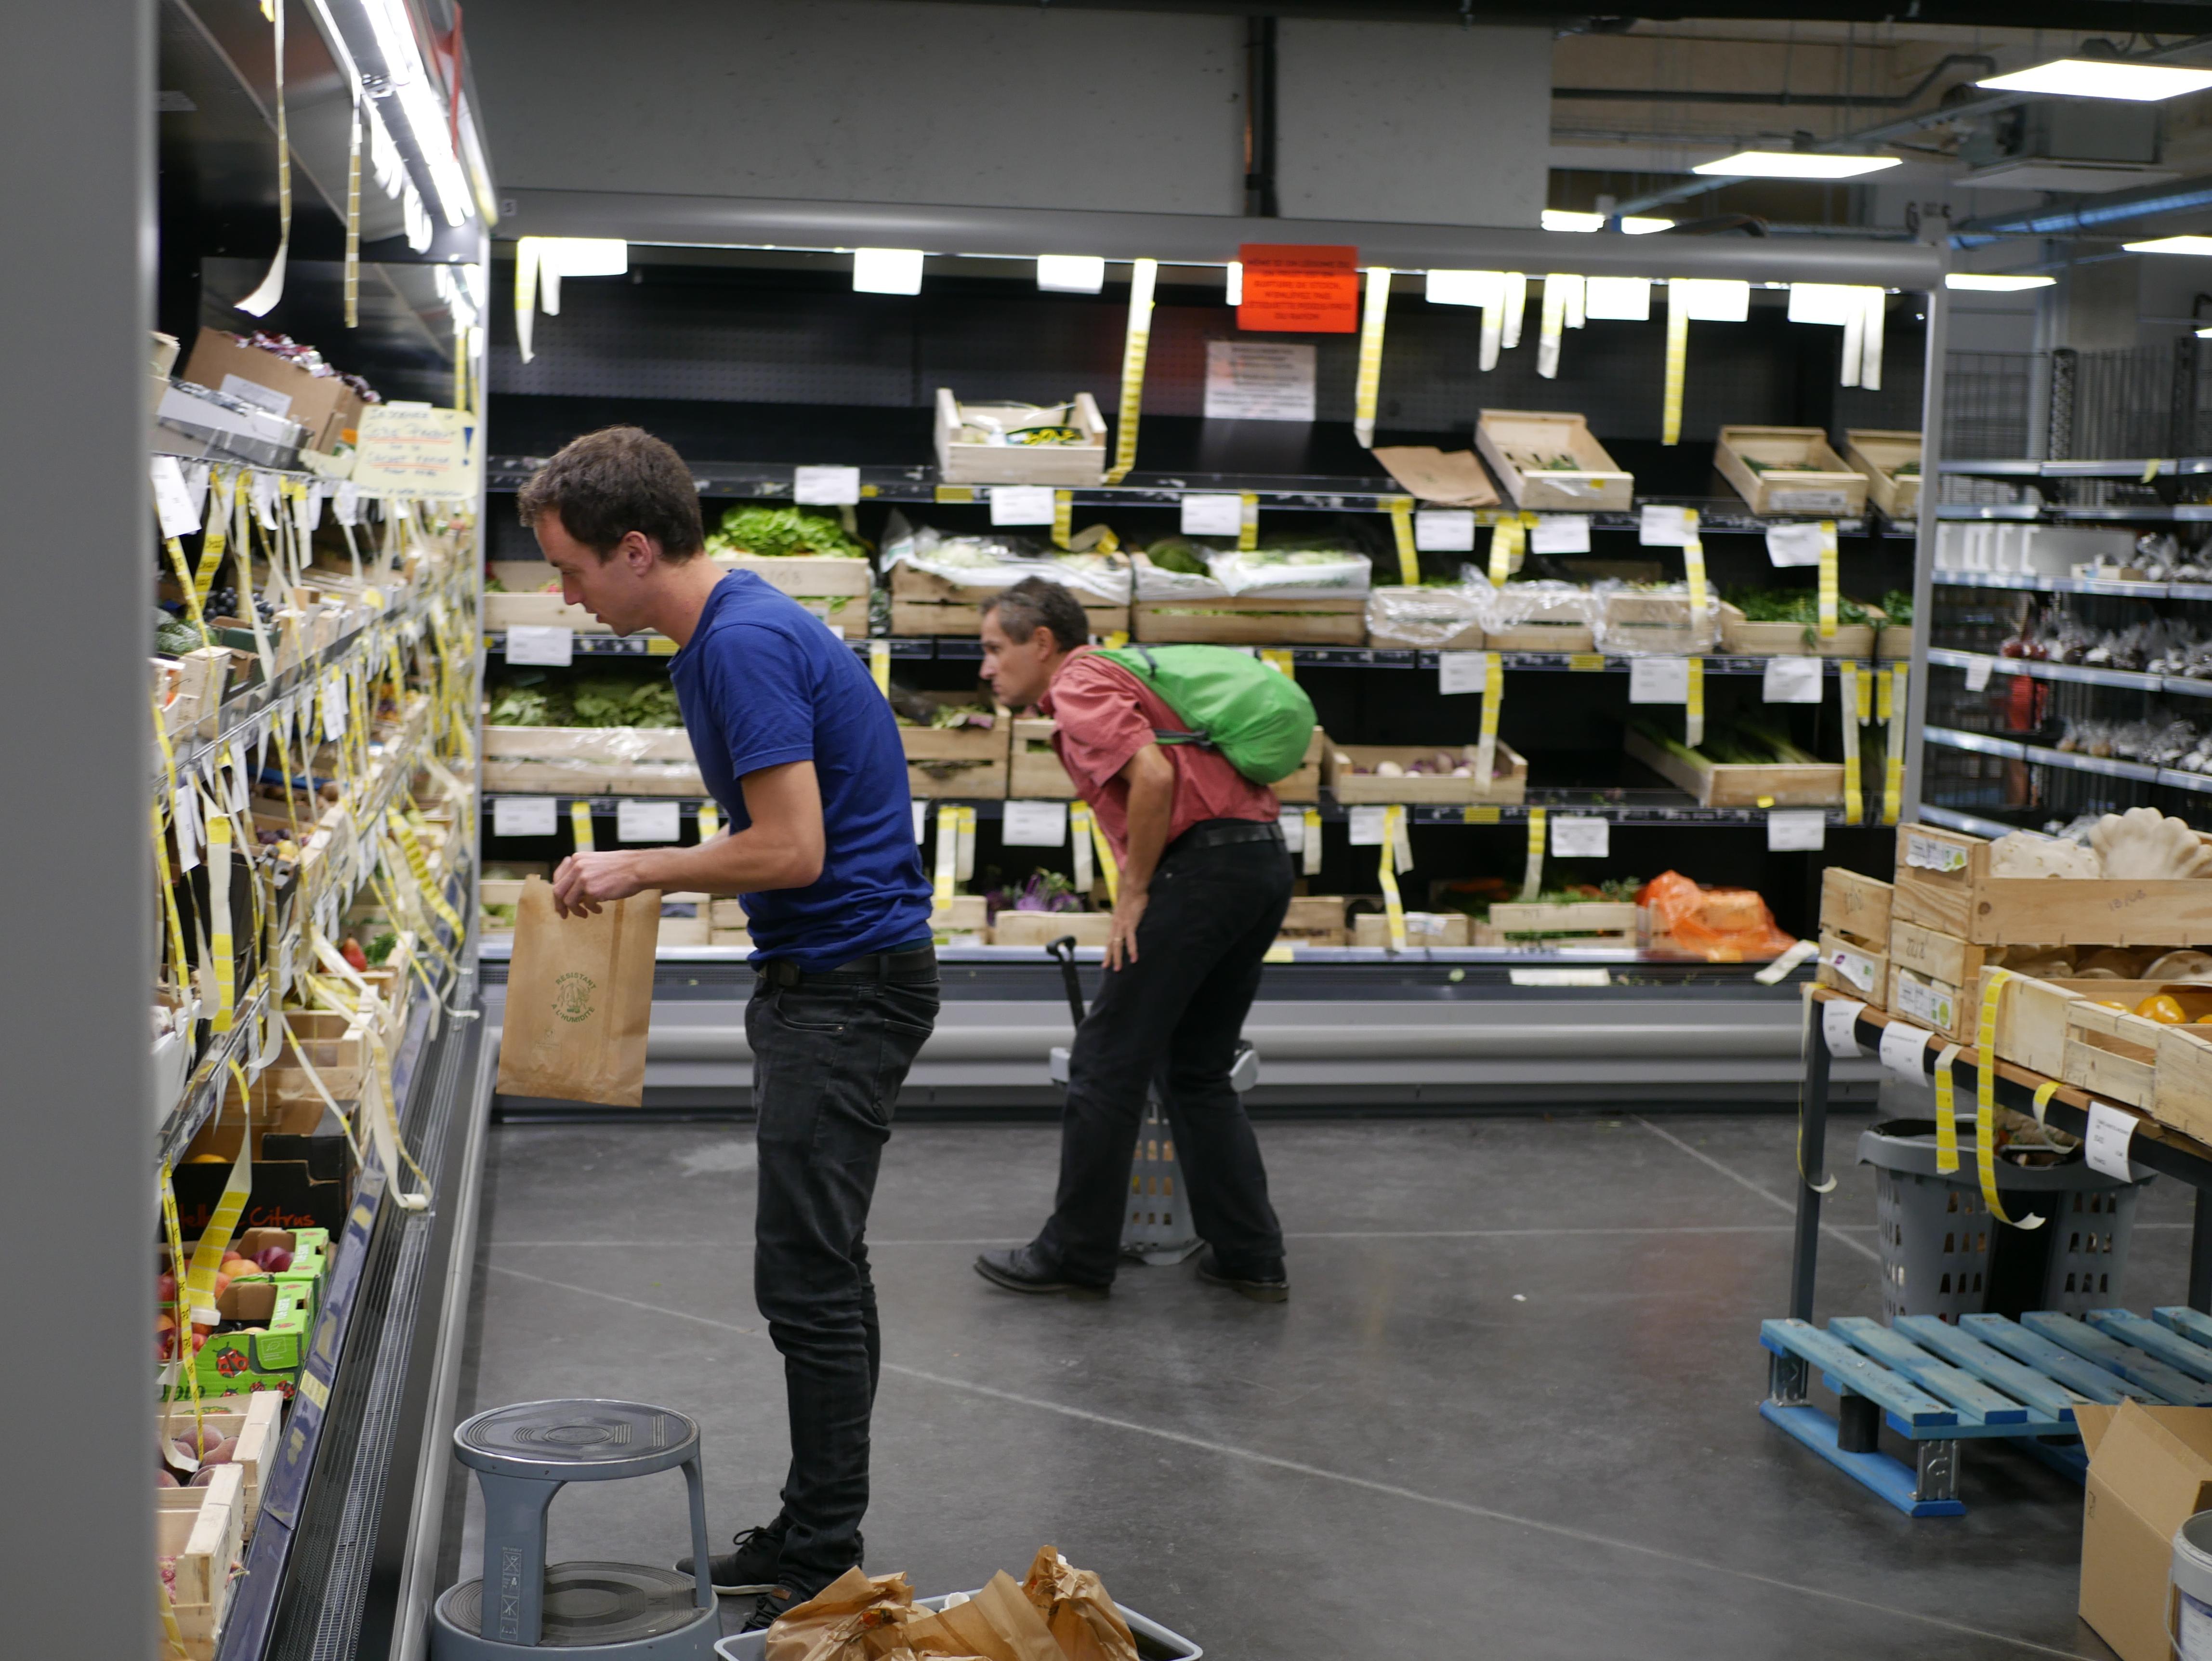 La Louve jak działa supermarket spółdzielczy